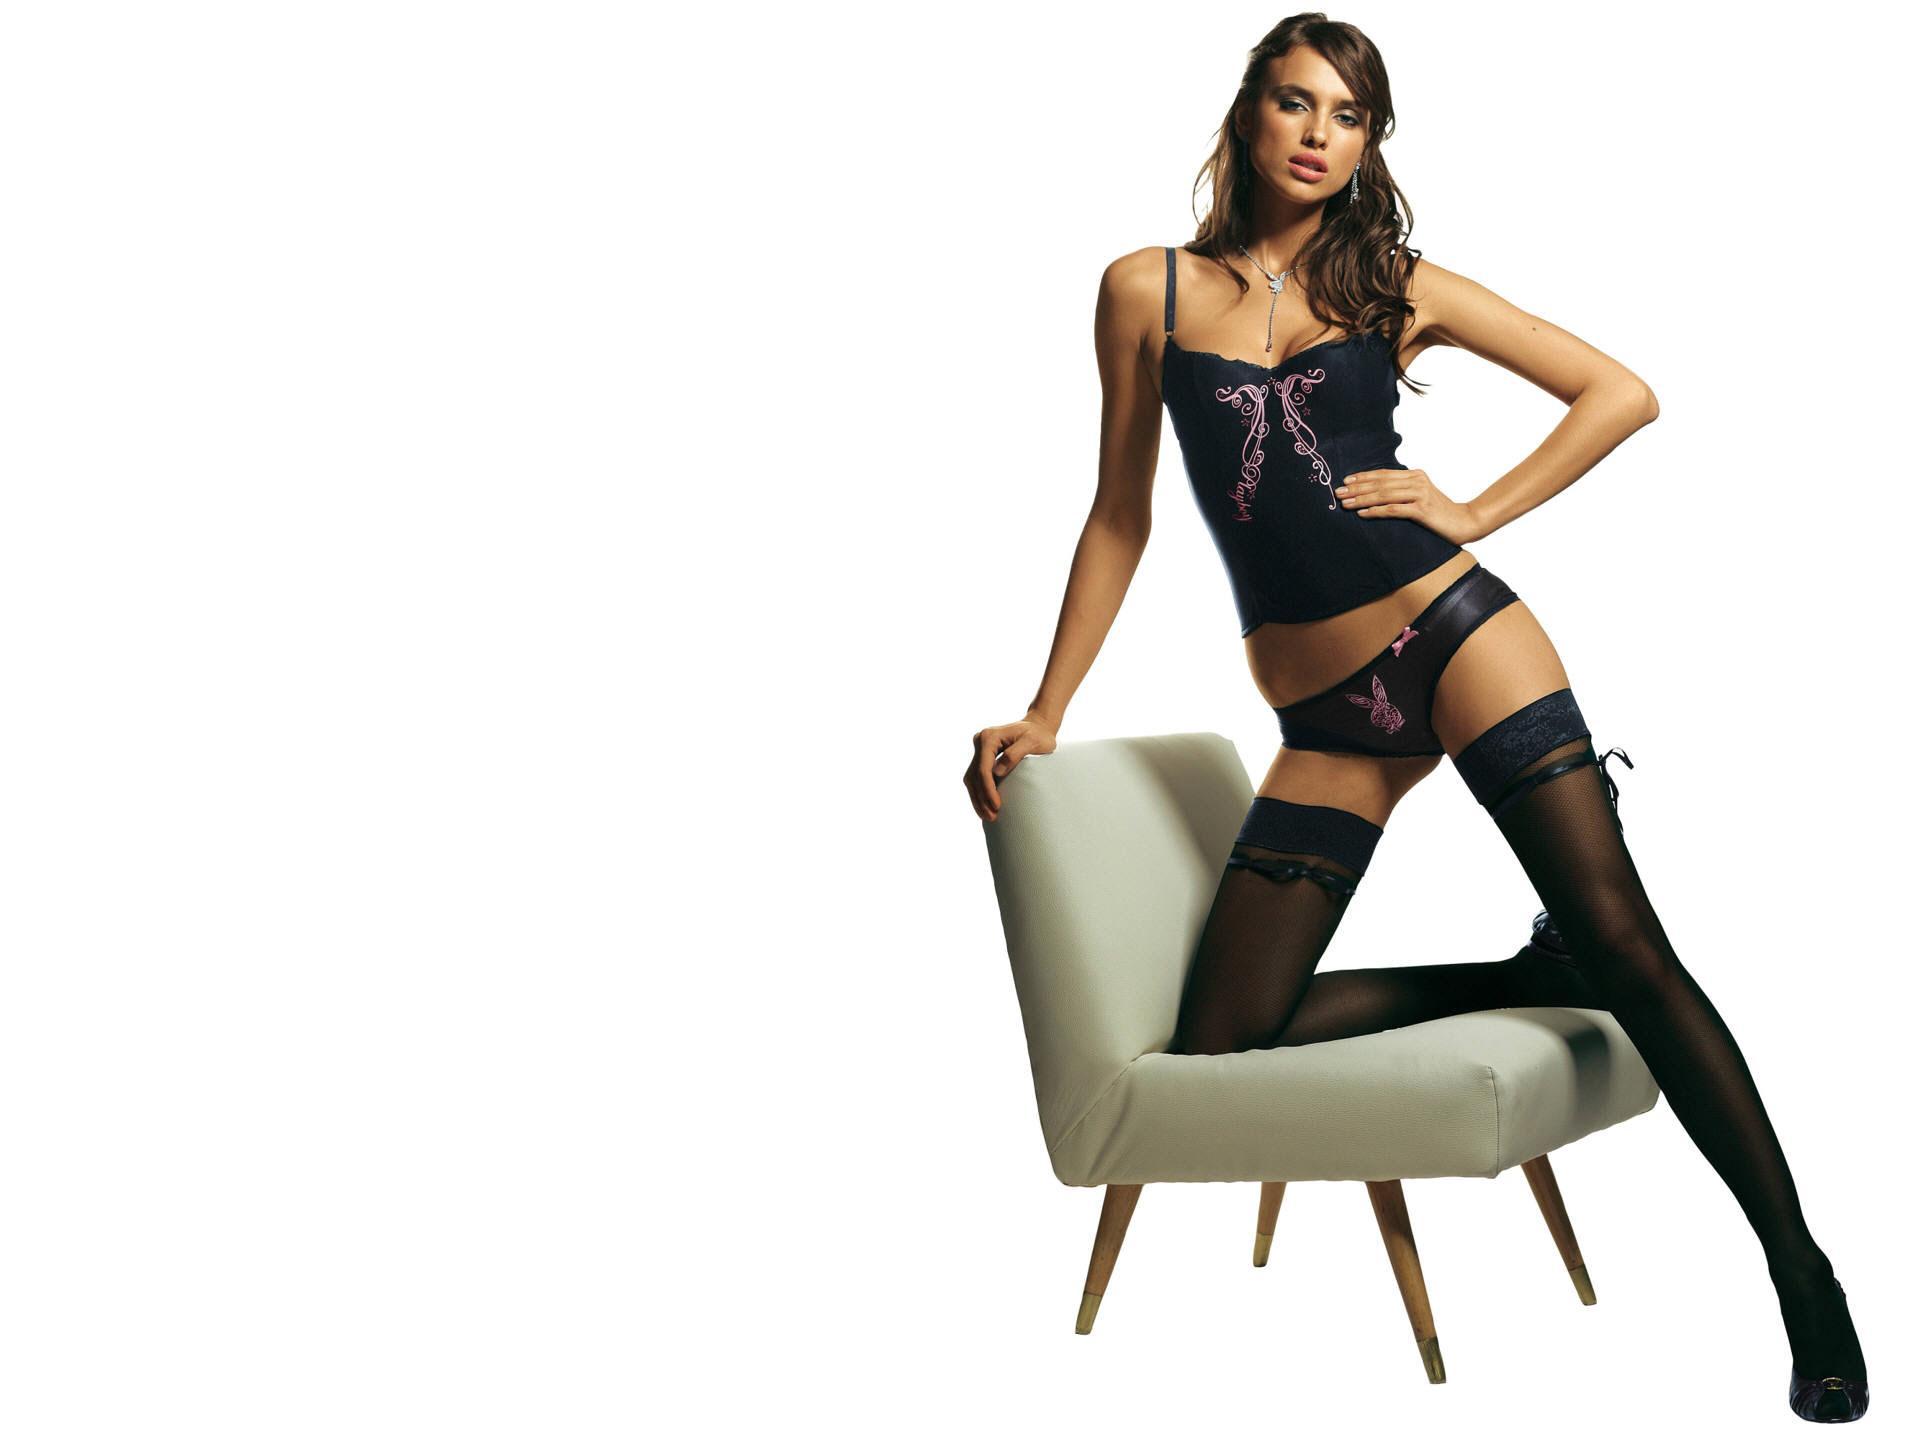 Фото девушки на кресле 7 фотография